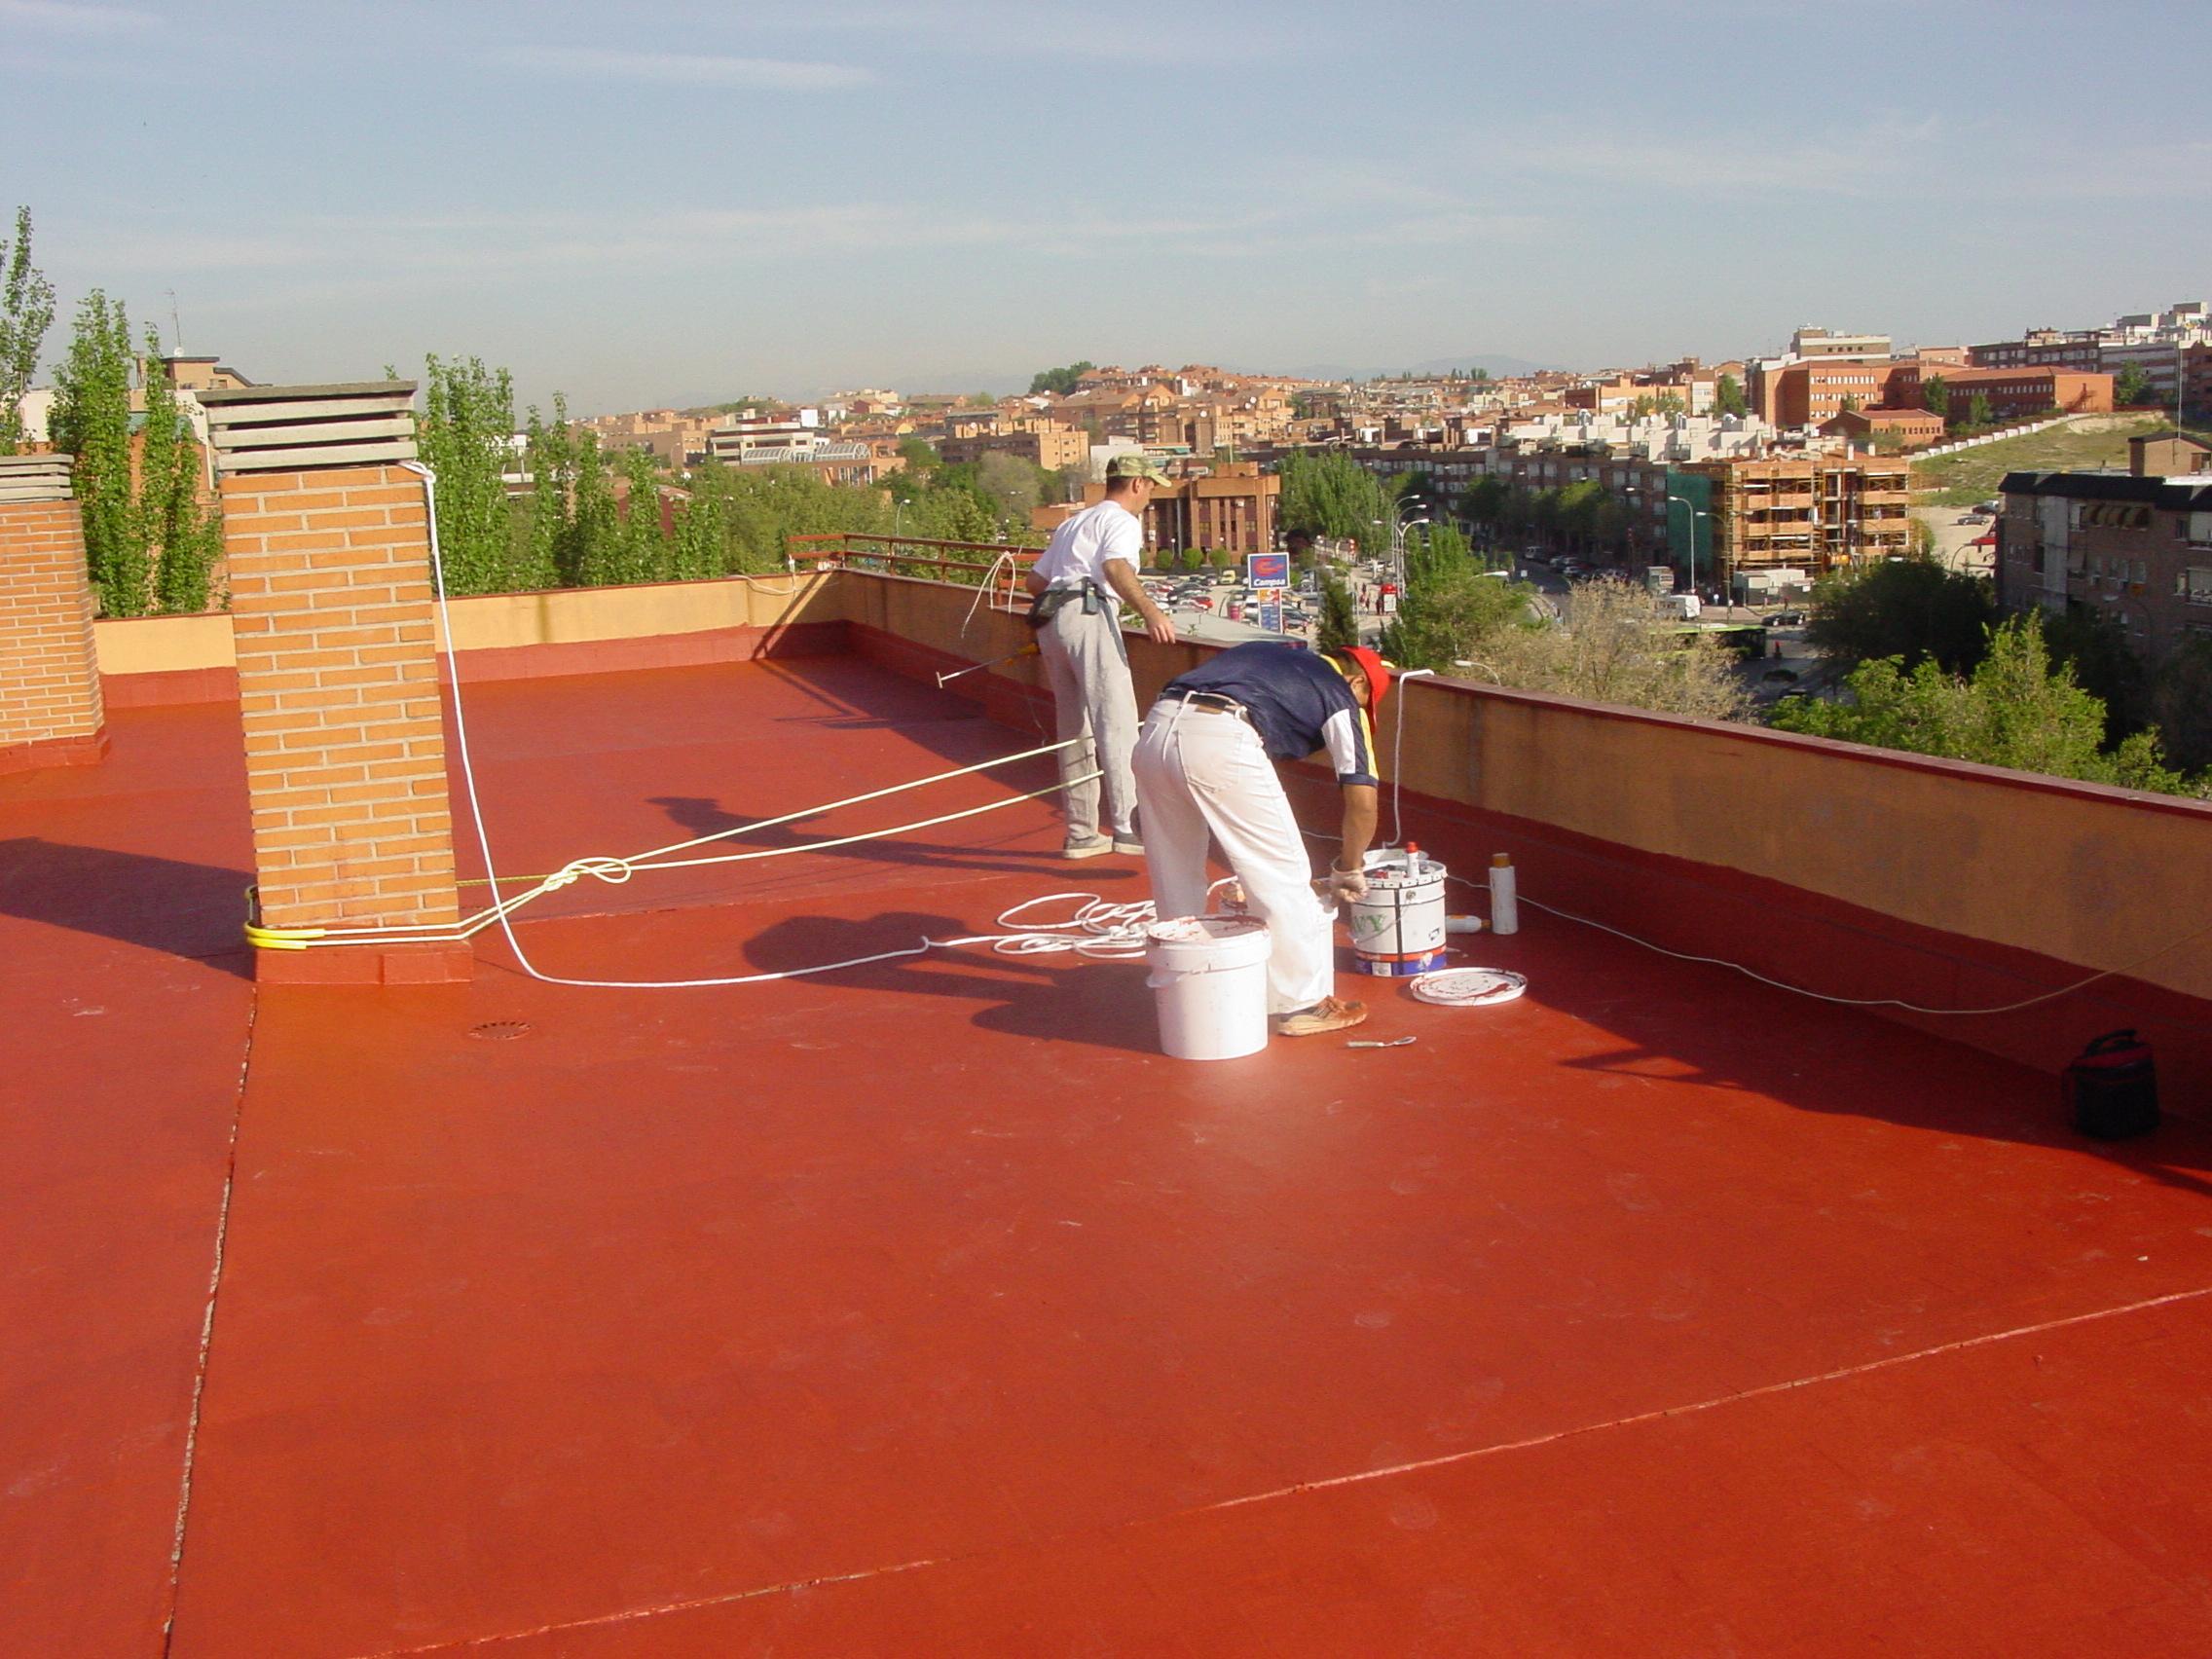 Impermeabilizaciones kemag pavimentos - Como impermeabilizar madera ...